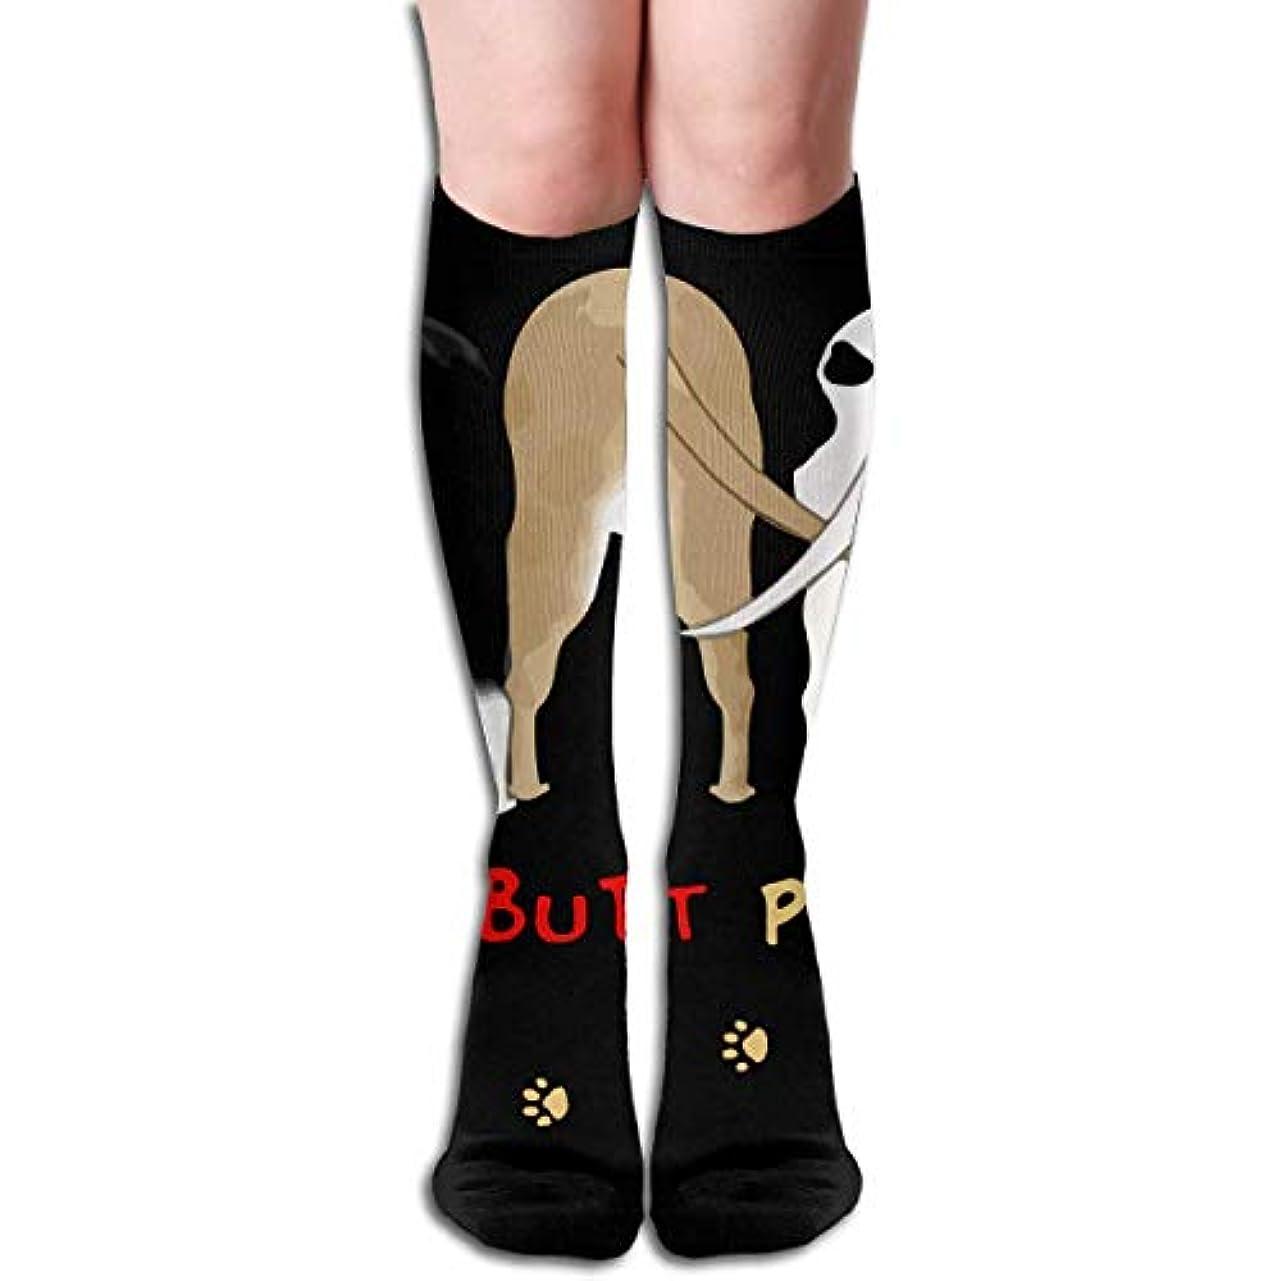 ツーリスト最初に上級qrriy女性のnothin '尻ピットブルズソフトクリスマス膝ハイスストッキングスリッパソックス、クリスマス楽しいカラフルな靴下